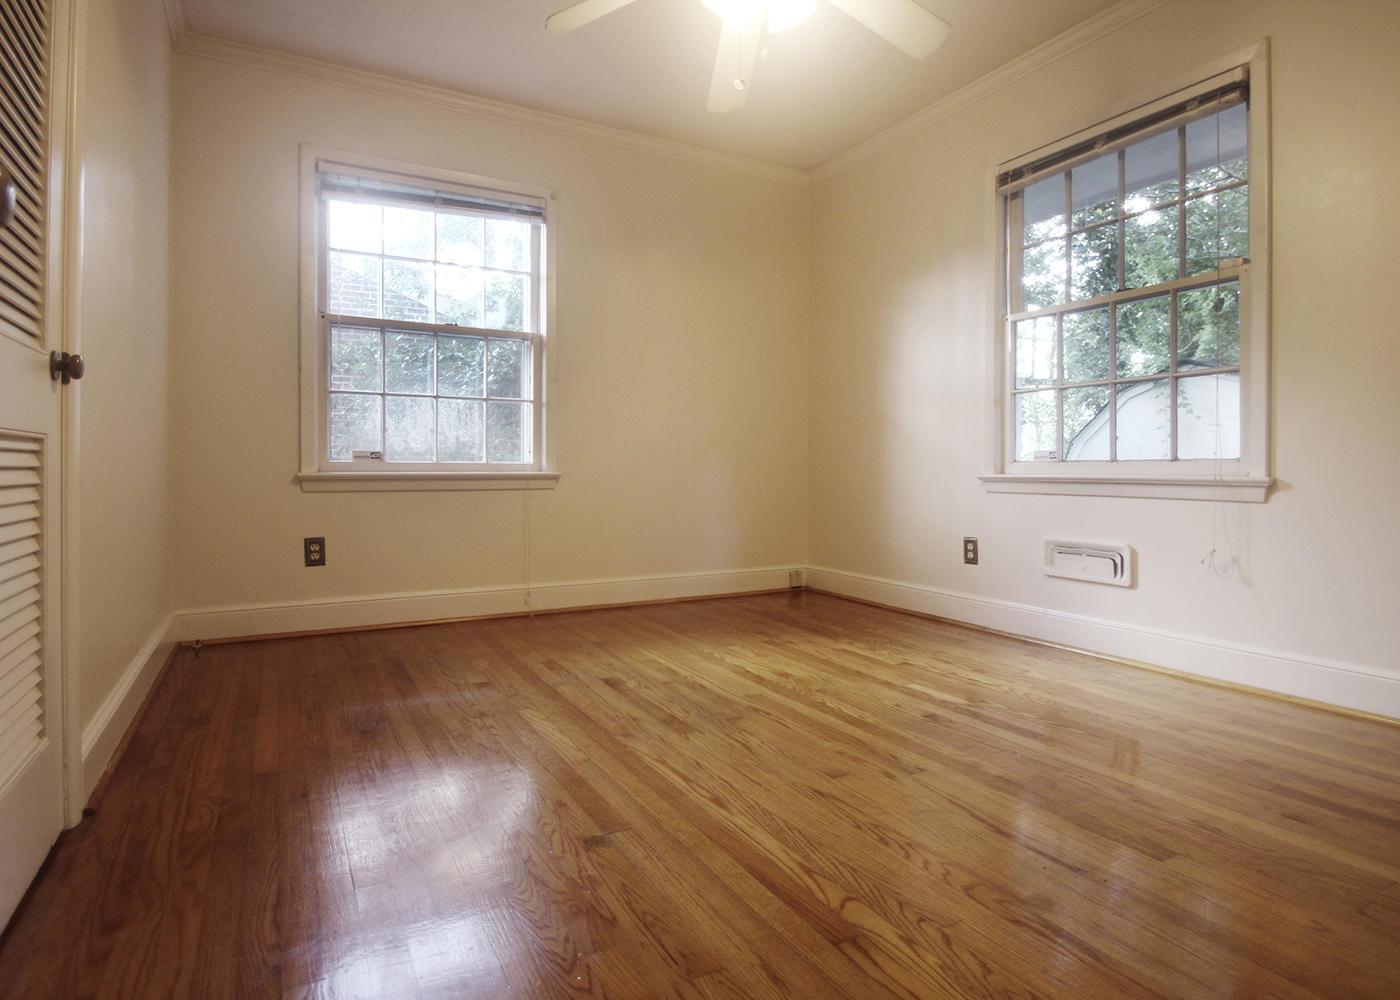 Moreland Homes For Sale - 802 Sheldon, Charleston, SC - 30